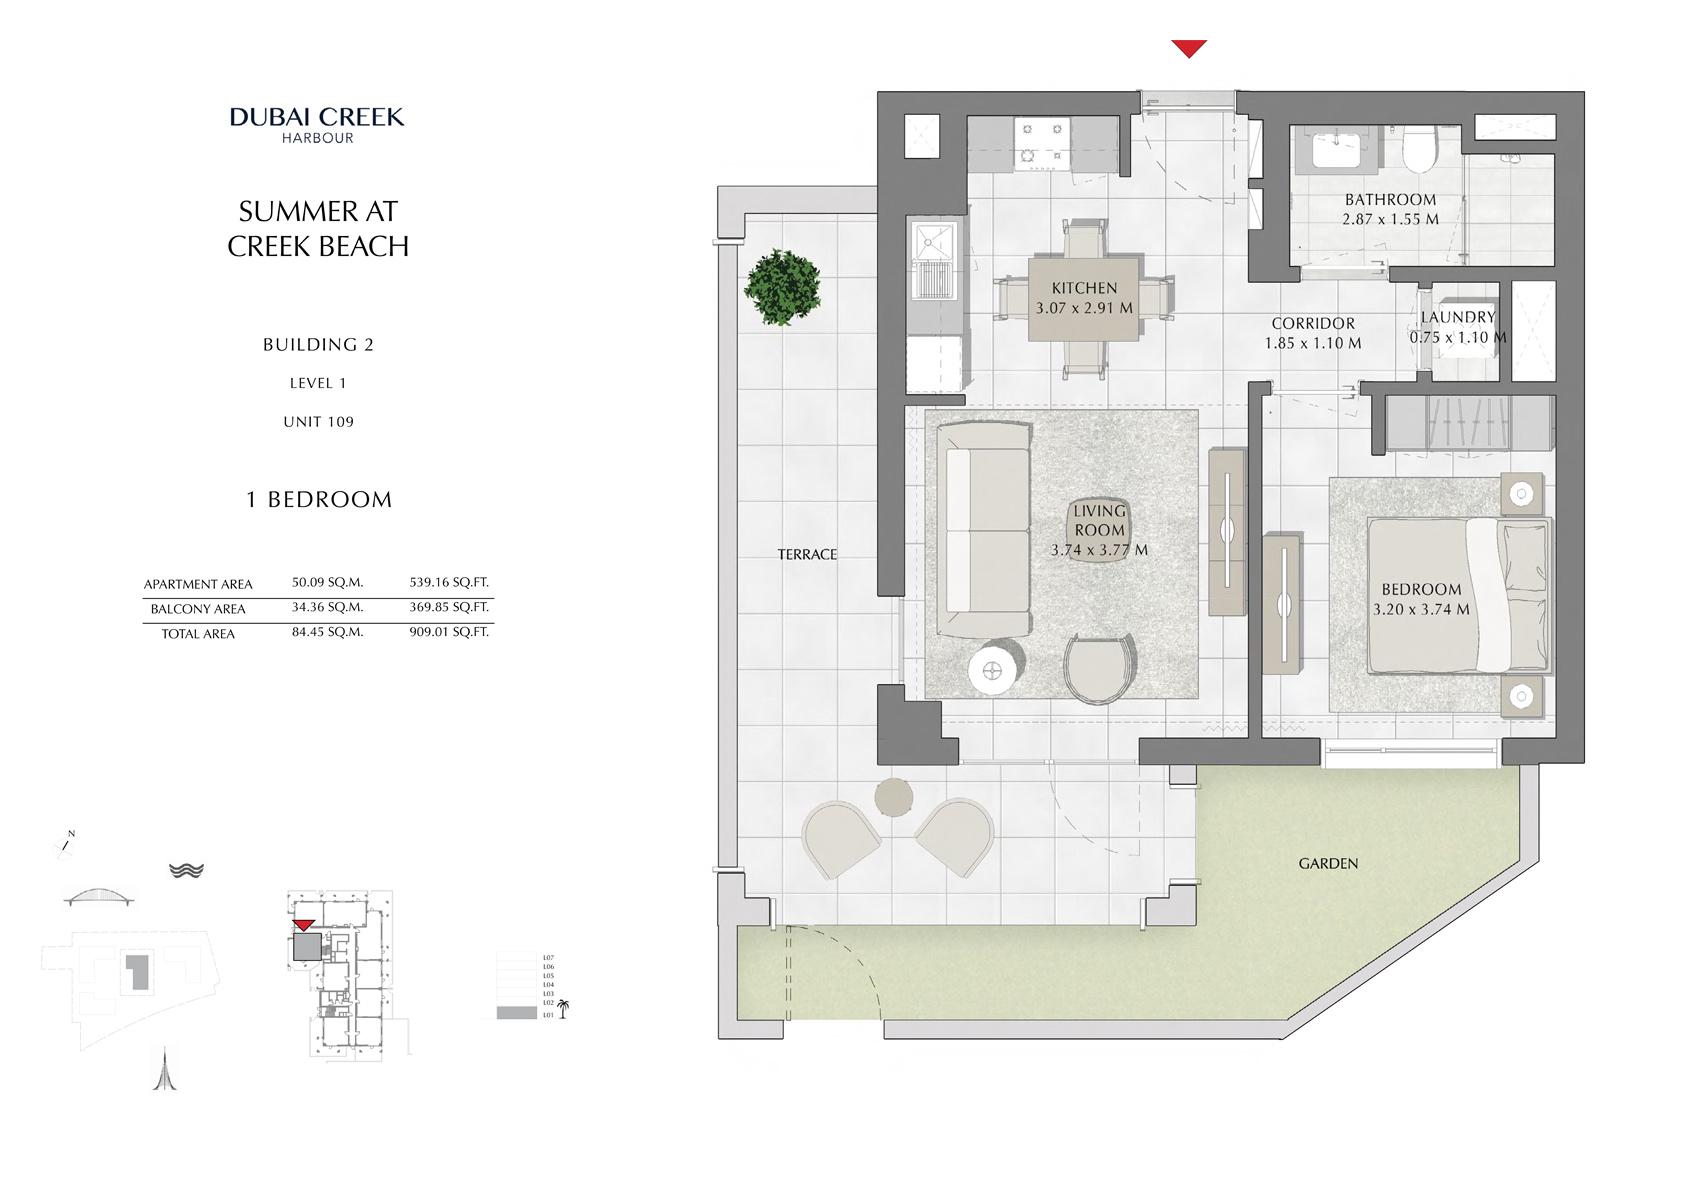 1 Br Building 2 Level 1 Unit 109, Size 909 Sq Ft